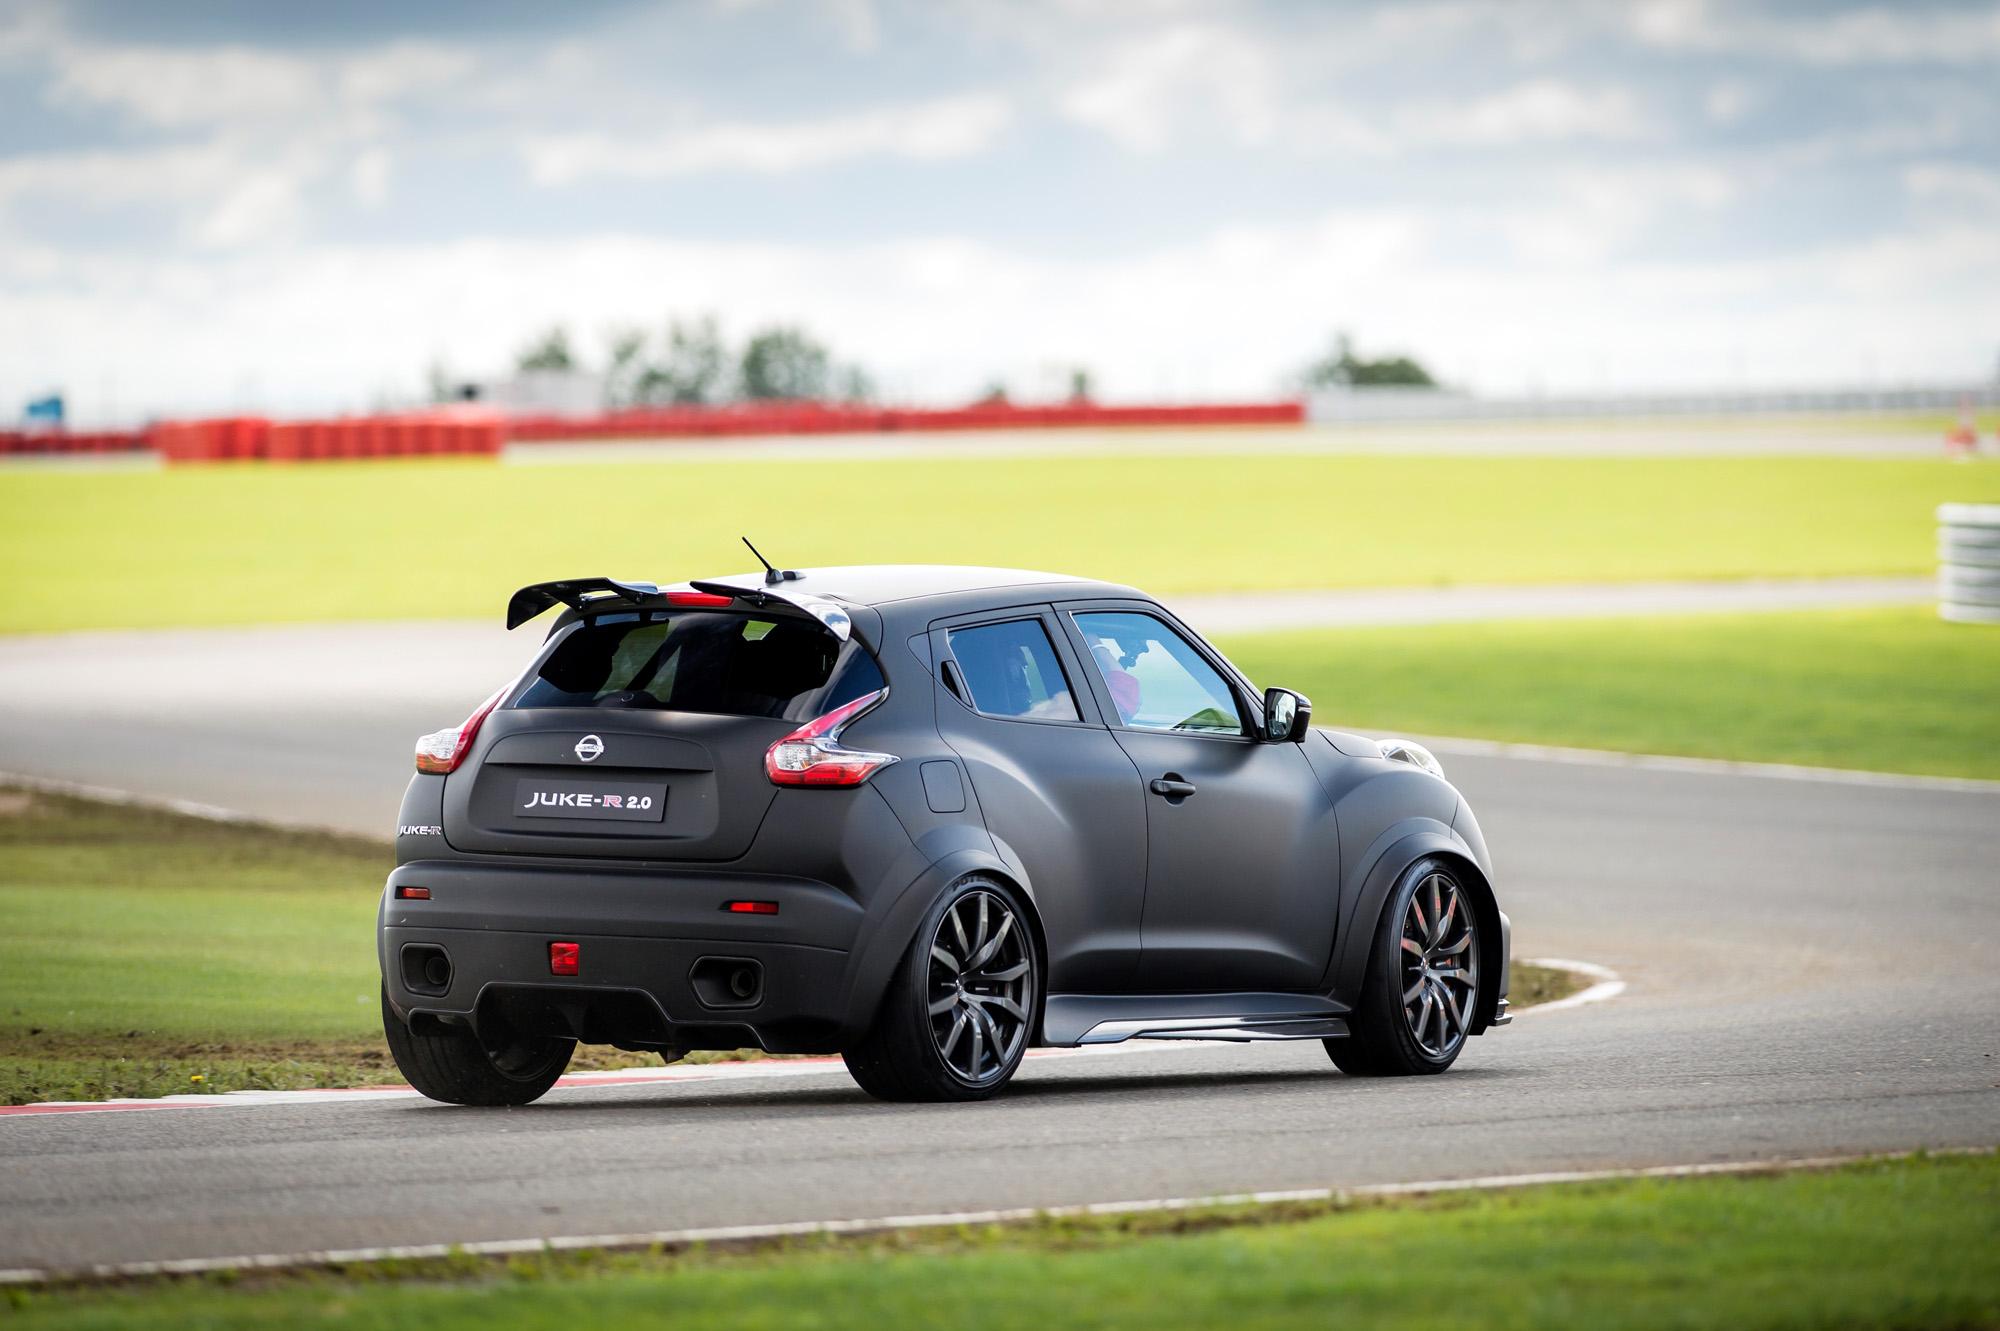 Die Endrohre verraten allerdings schnell, dass beim Nissan Juke-R 2.0 wenig der Normalität entspricht.